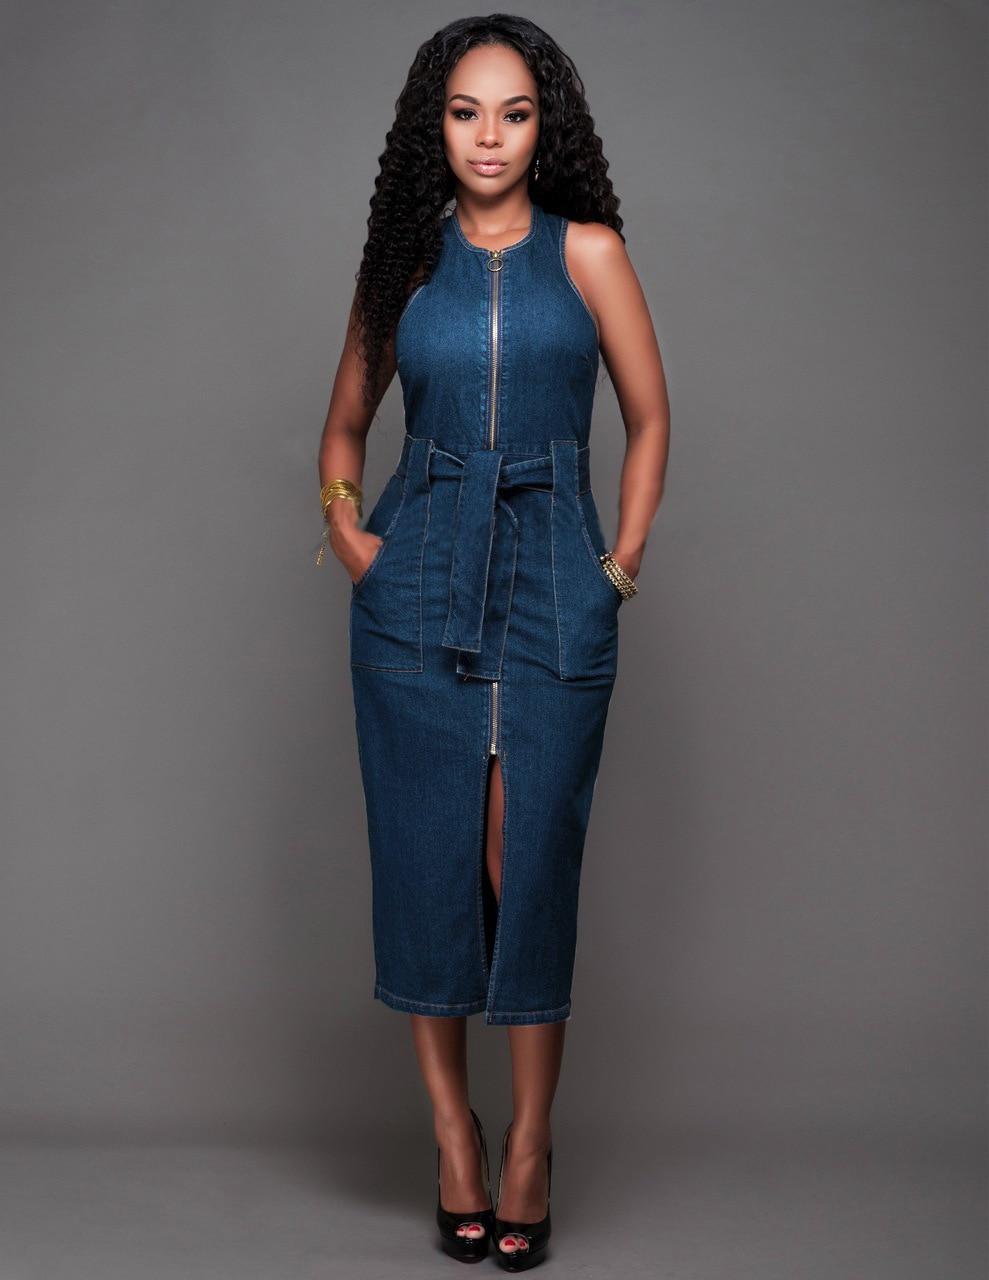 джинсовое платье футляр